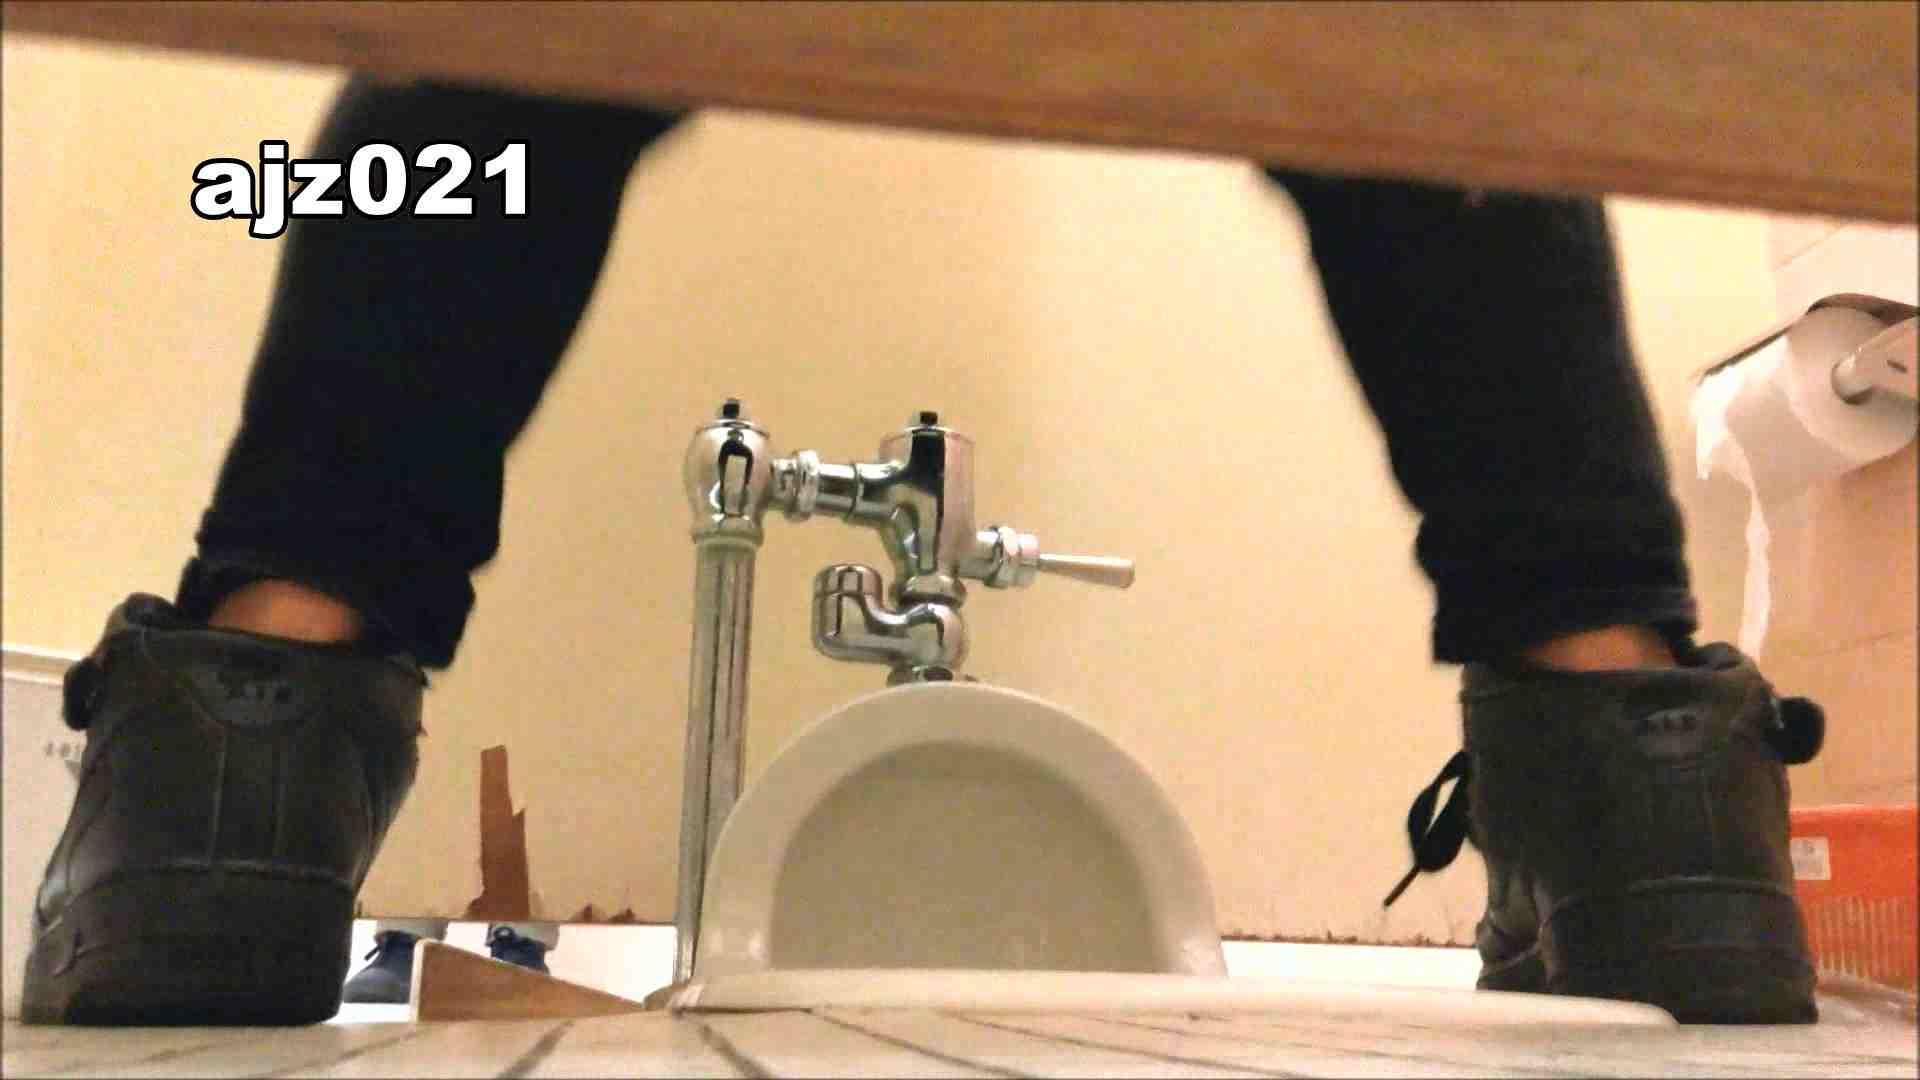 某有名大学女性洗面所 vol.21 潜入突撃 | 洗面所突入  91pic 37